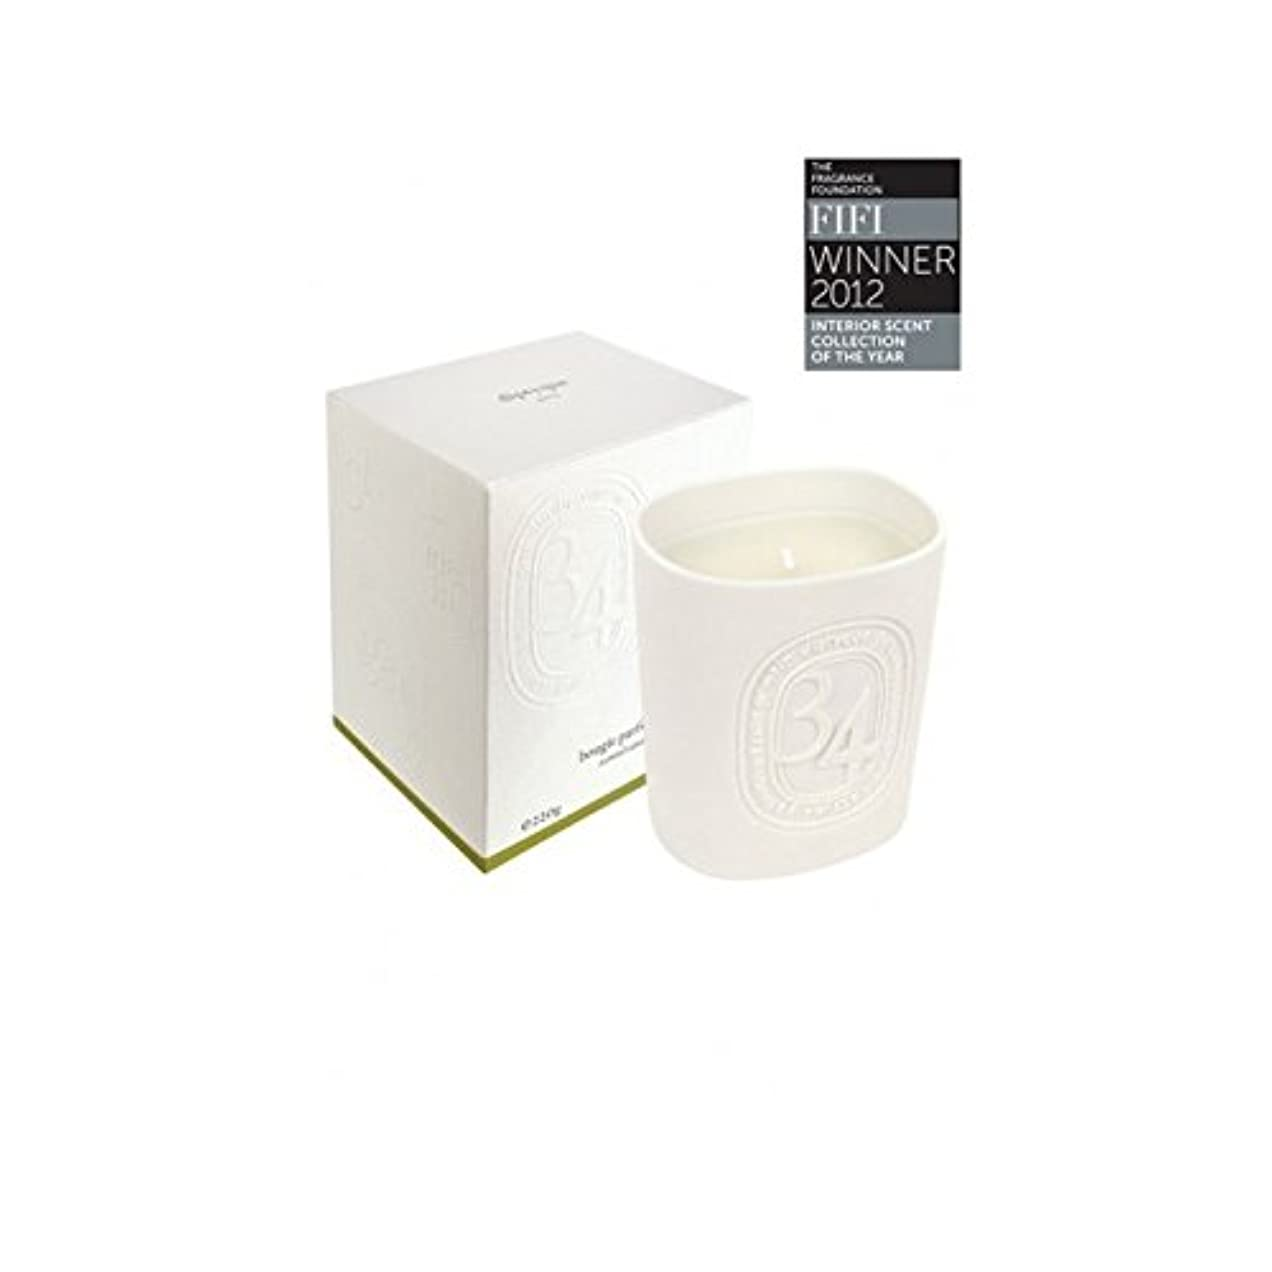 自分のためにブローホール接続詞Diptyque Collection 34 Boulevard Saint Germain Candle 220g (Pack of 2) - Diptyqueコレクション34大通りサンジェルマンキャンドル220グラム...